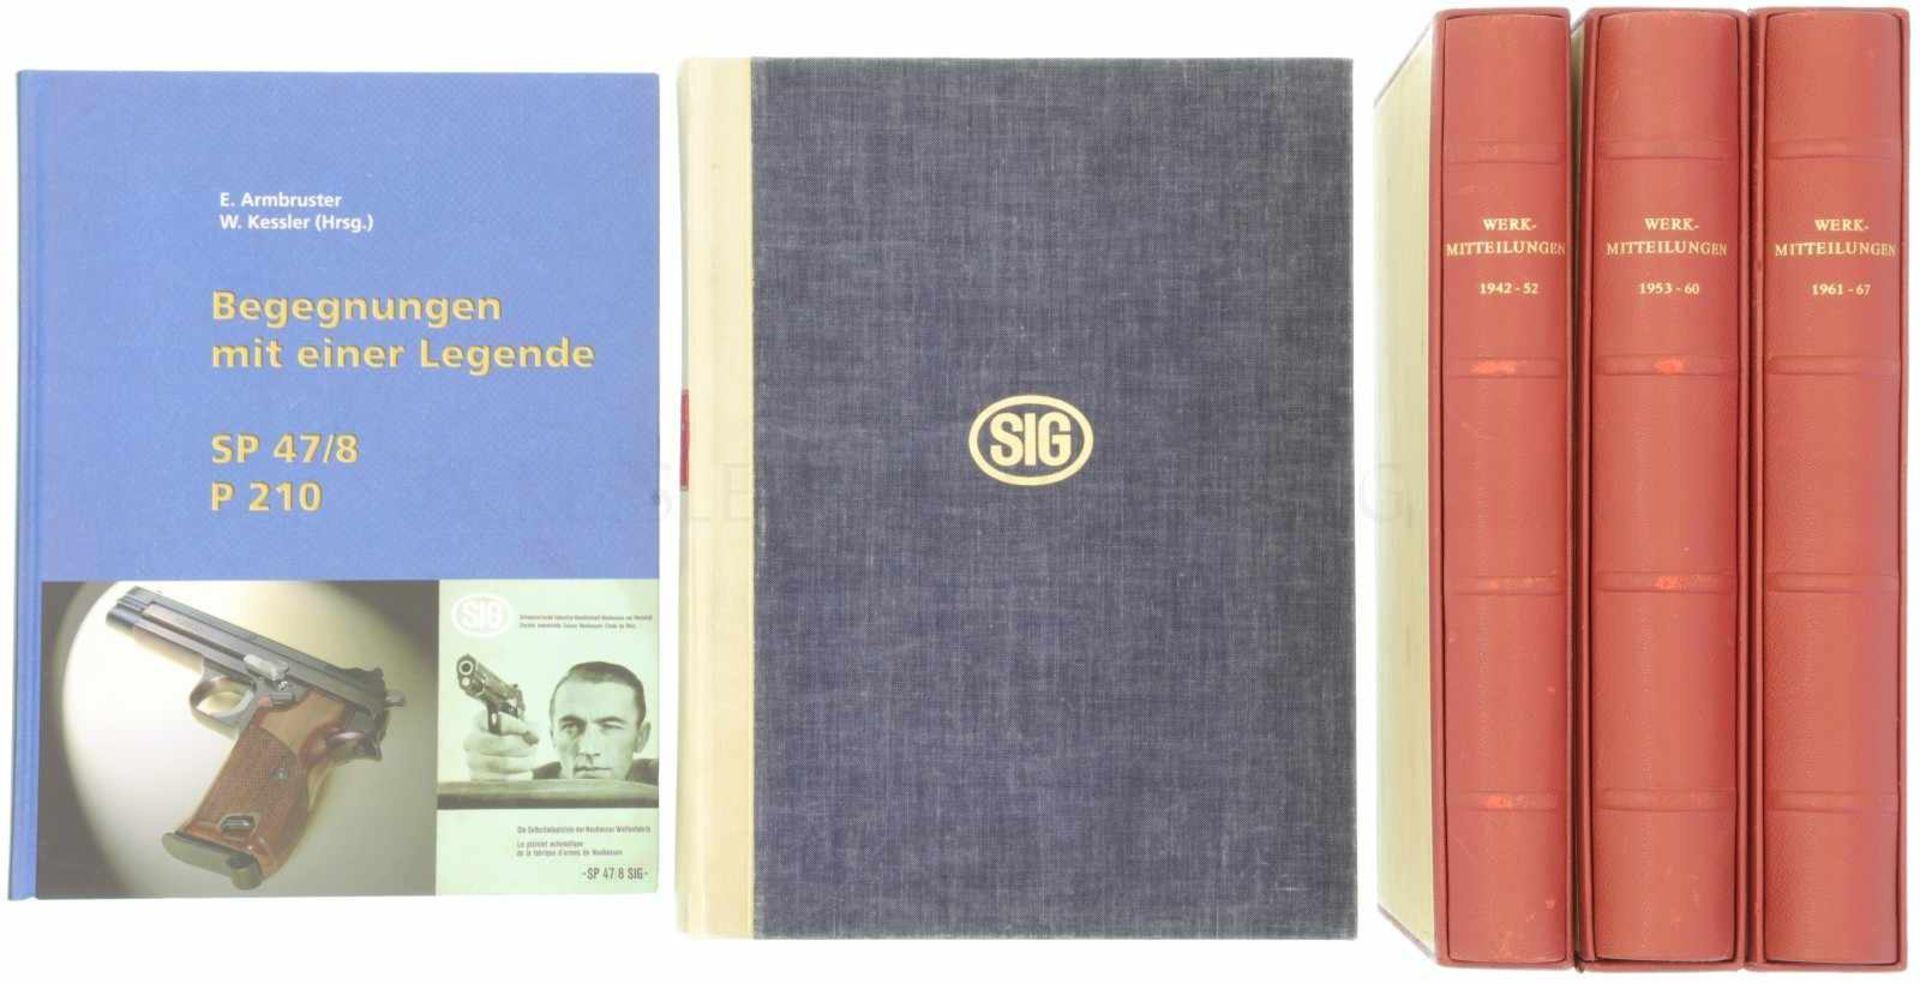 Konvolut von 5 SIG-Büchern<